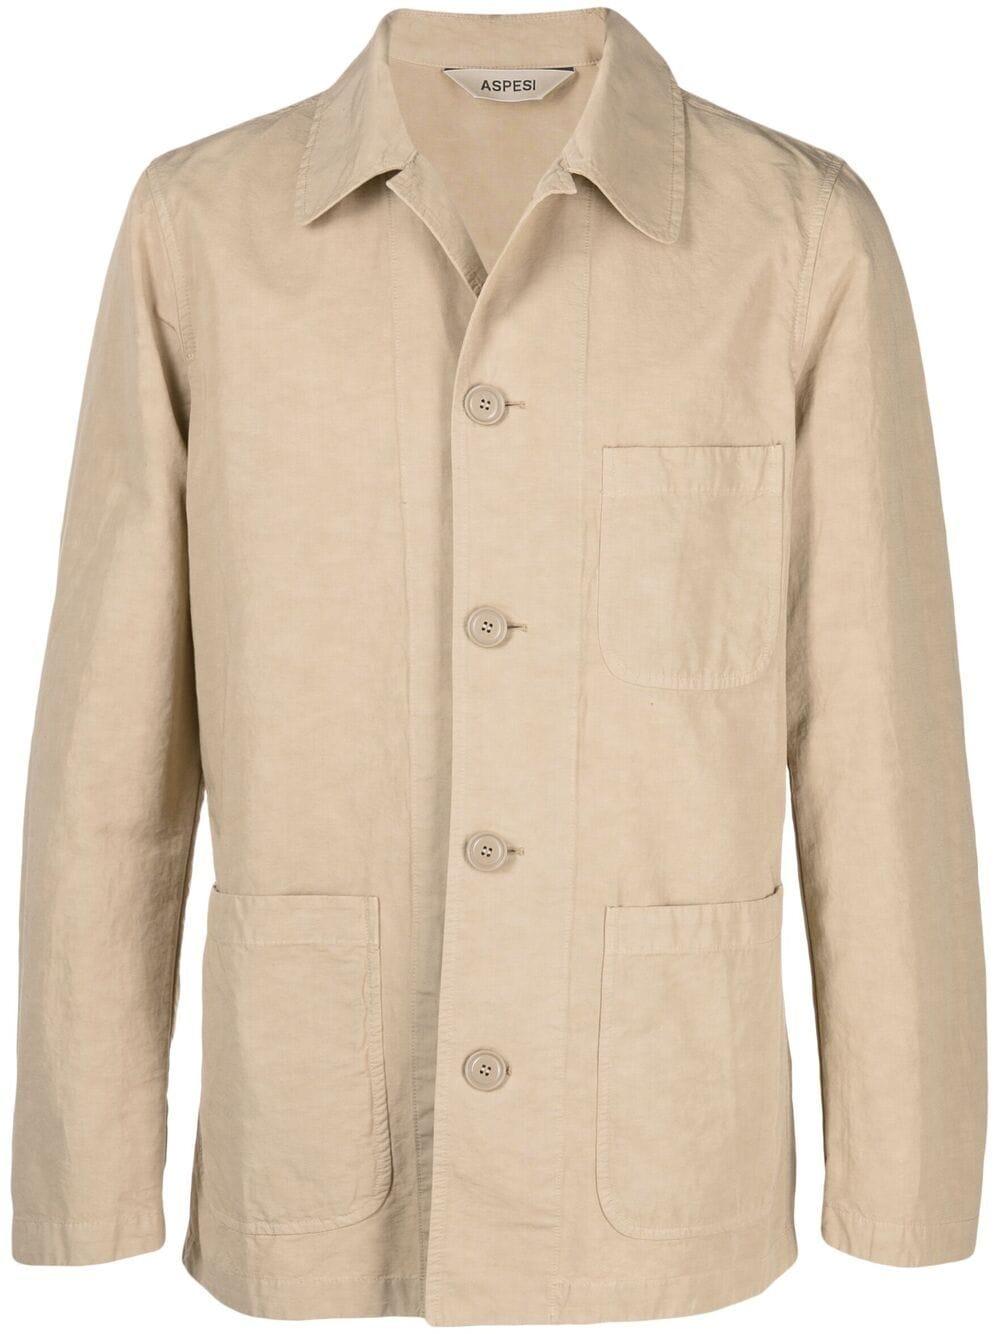 Giacca button down in cotone e lino beige ASPESI | Giacche | CJ70-G43485047